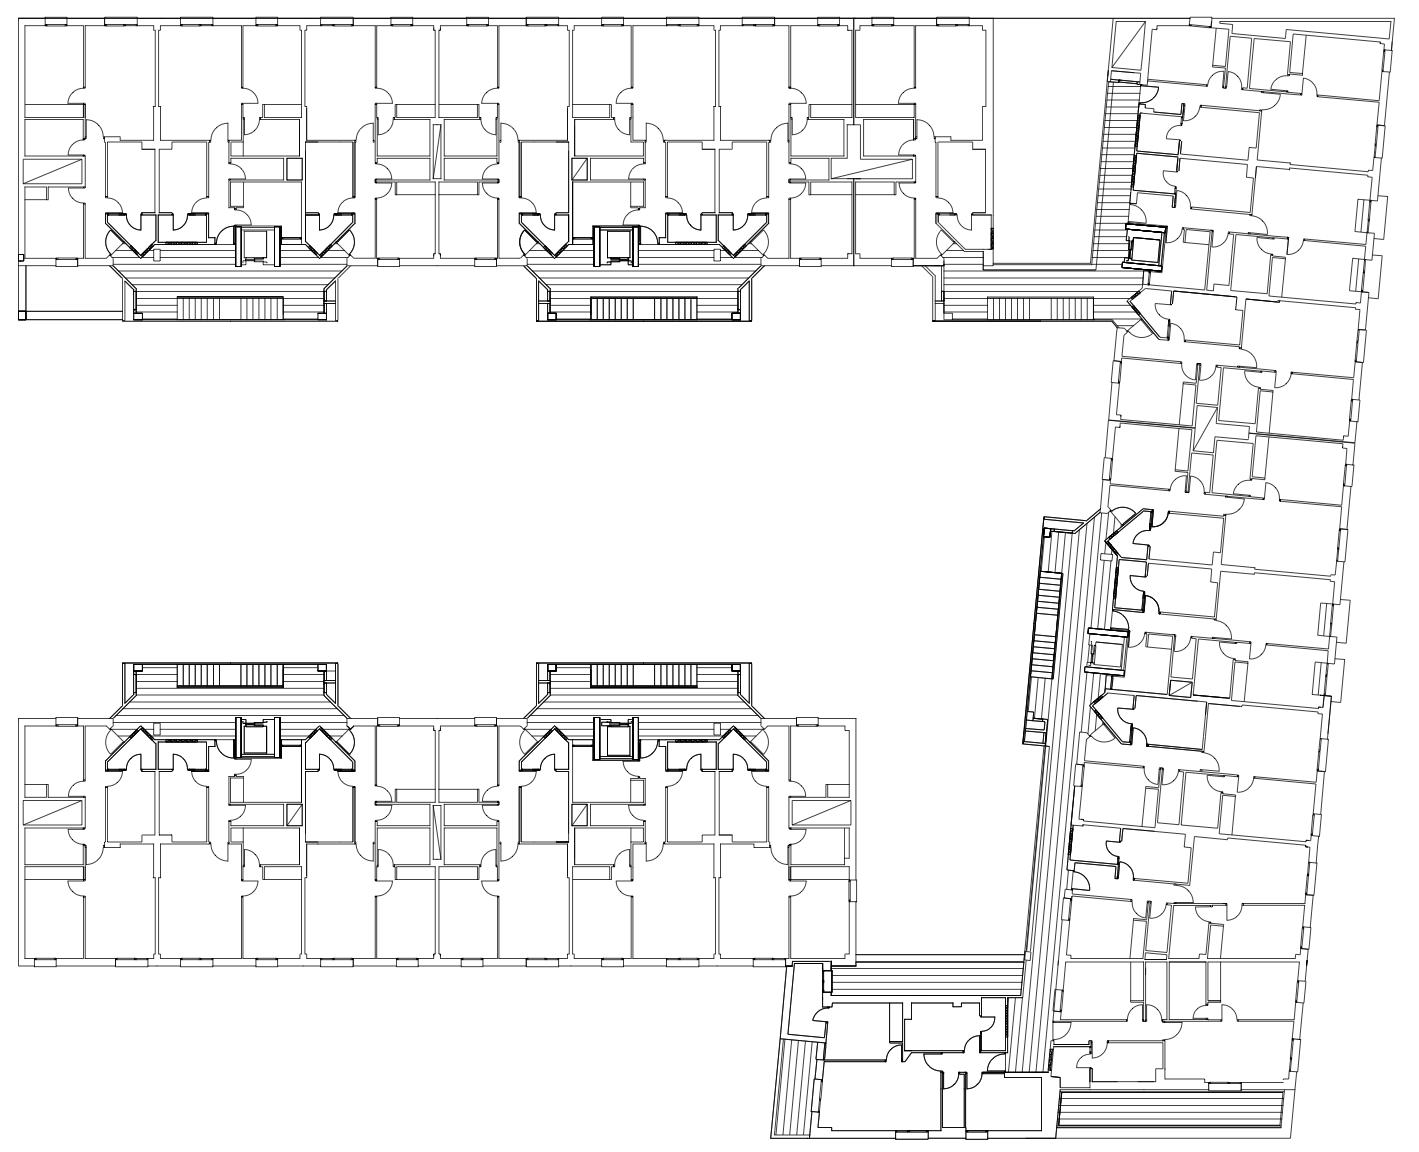 100 viviendas de protección oficial   Imagen de proyecto11